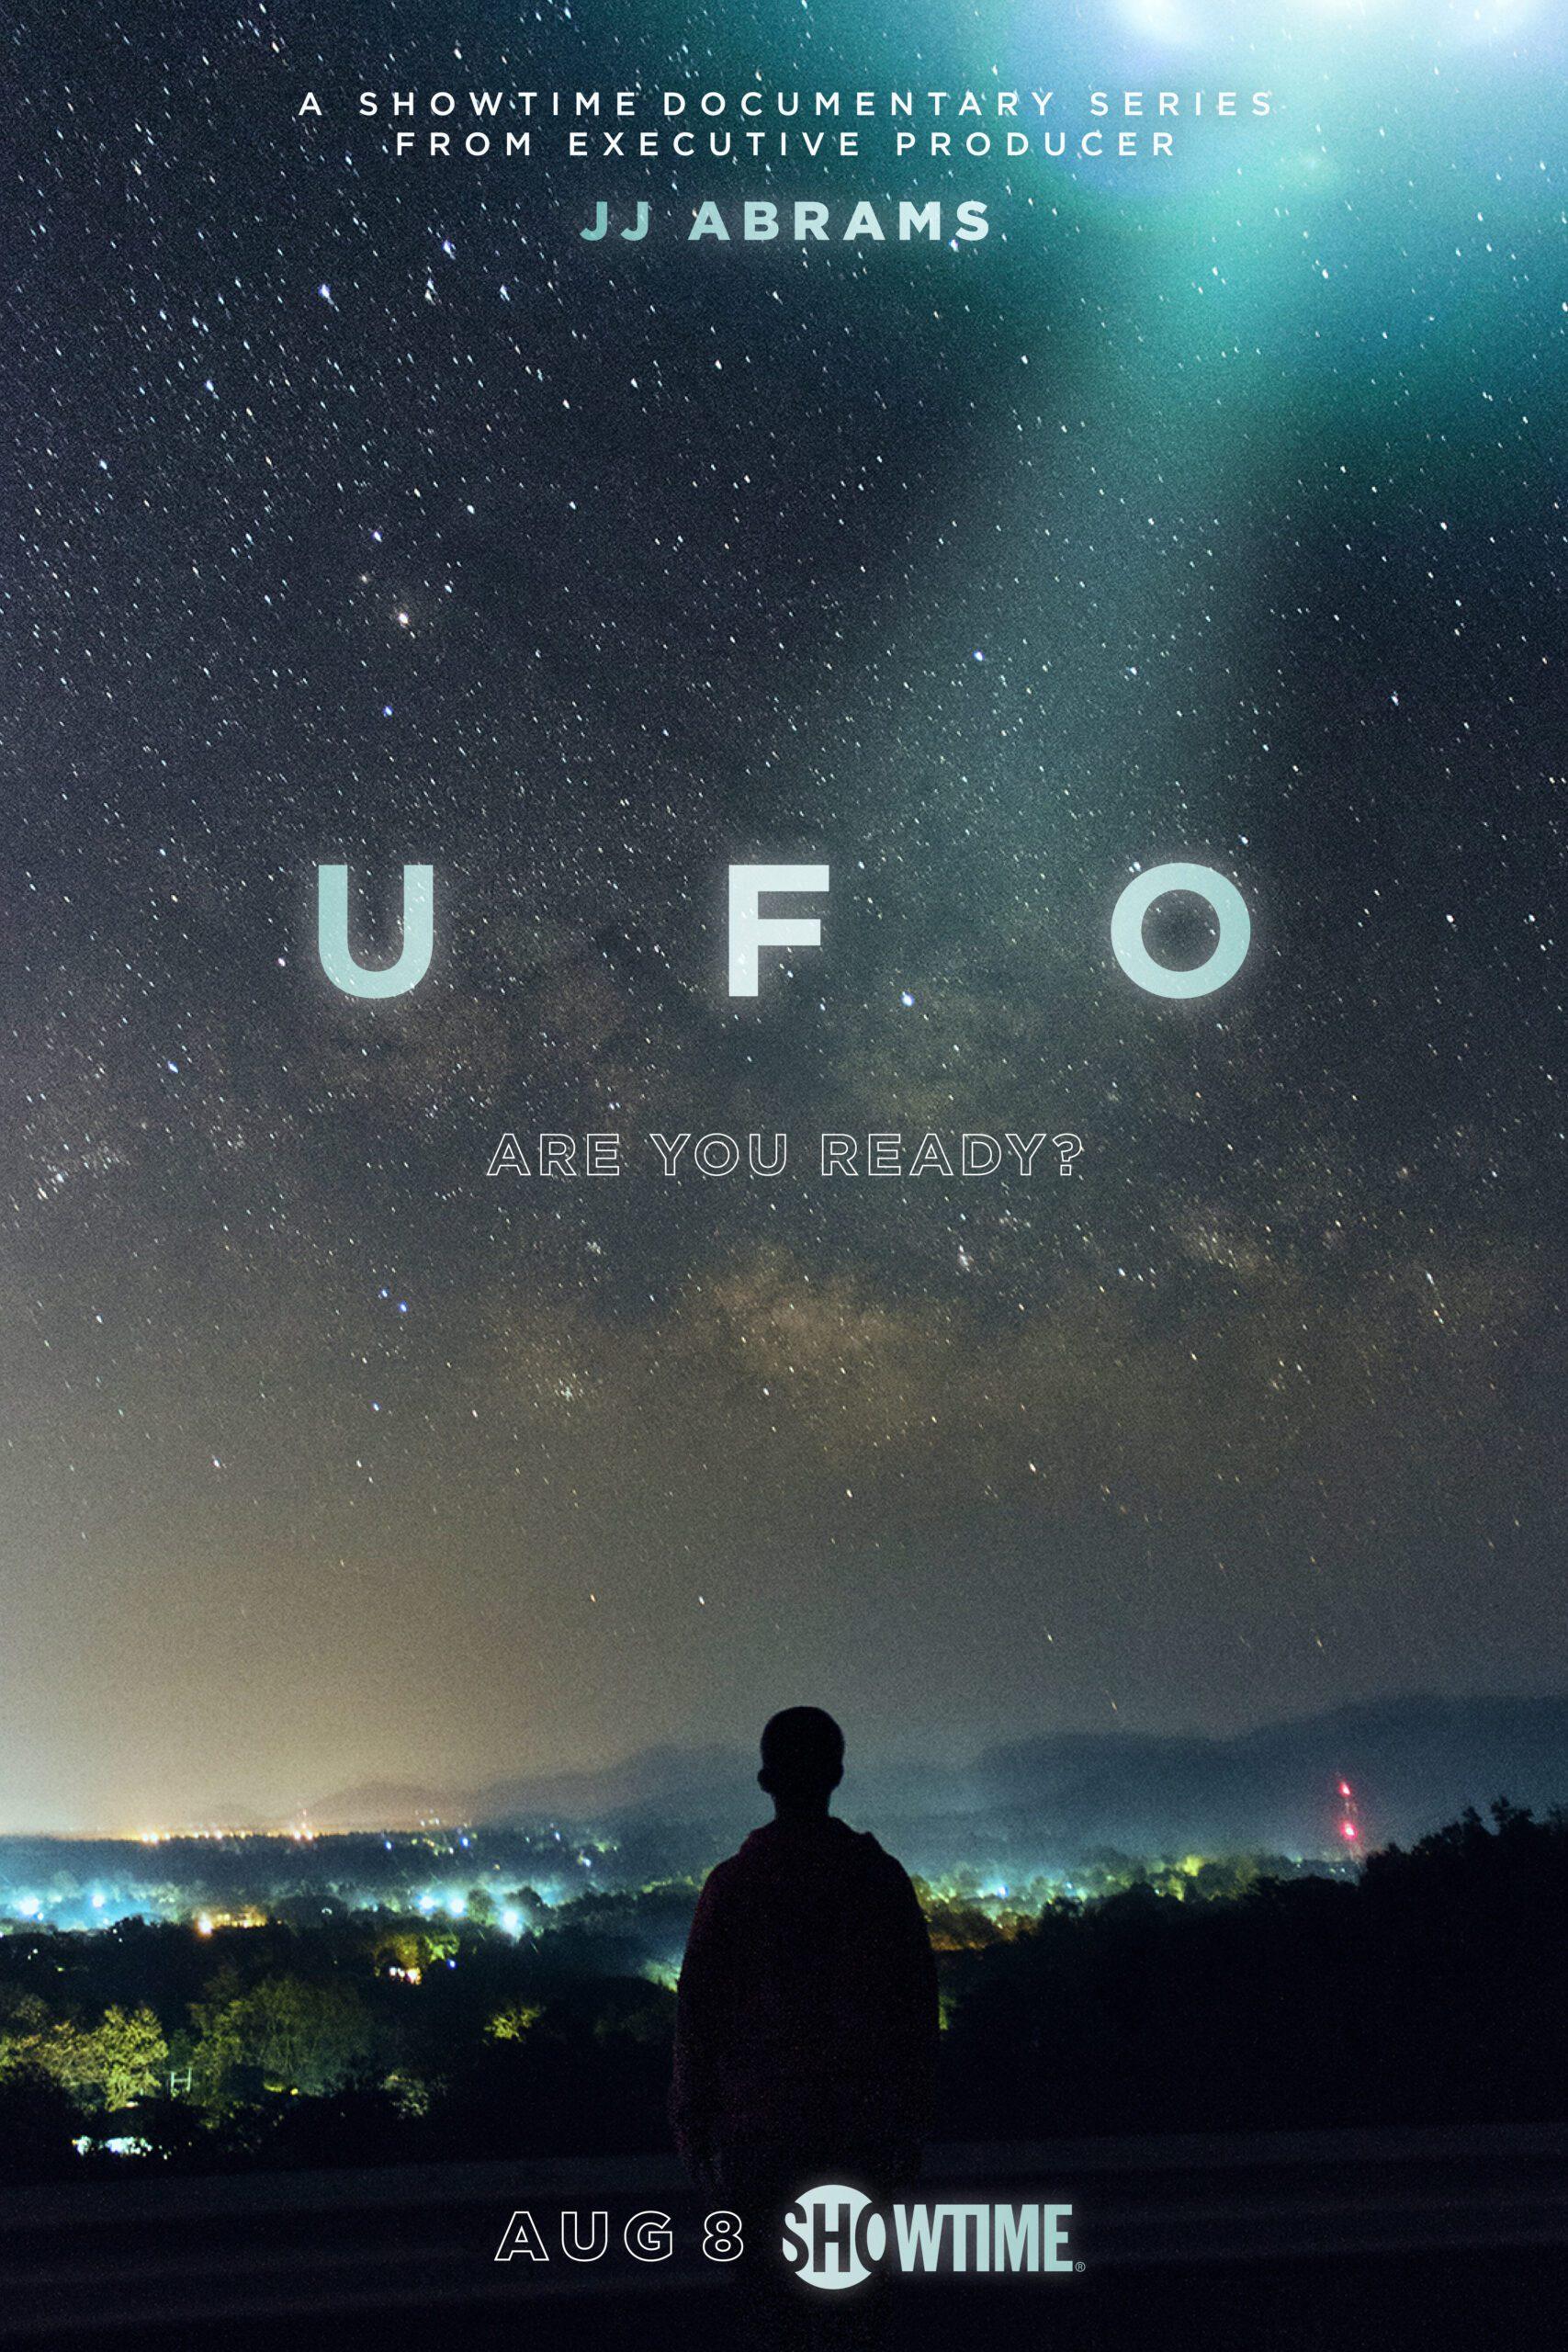 UFO teaser image